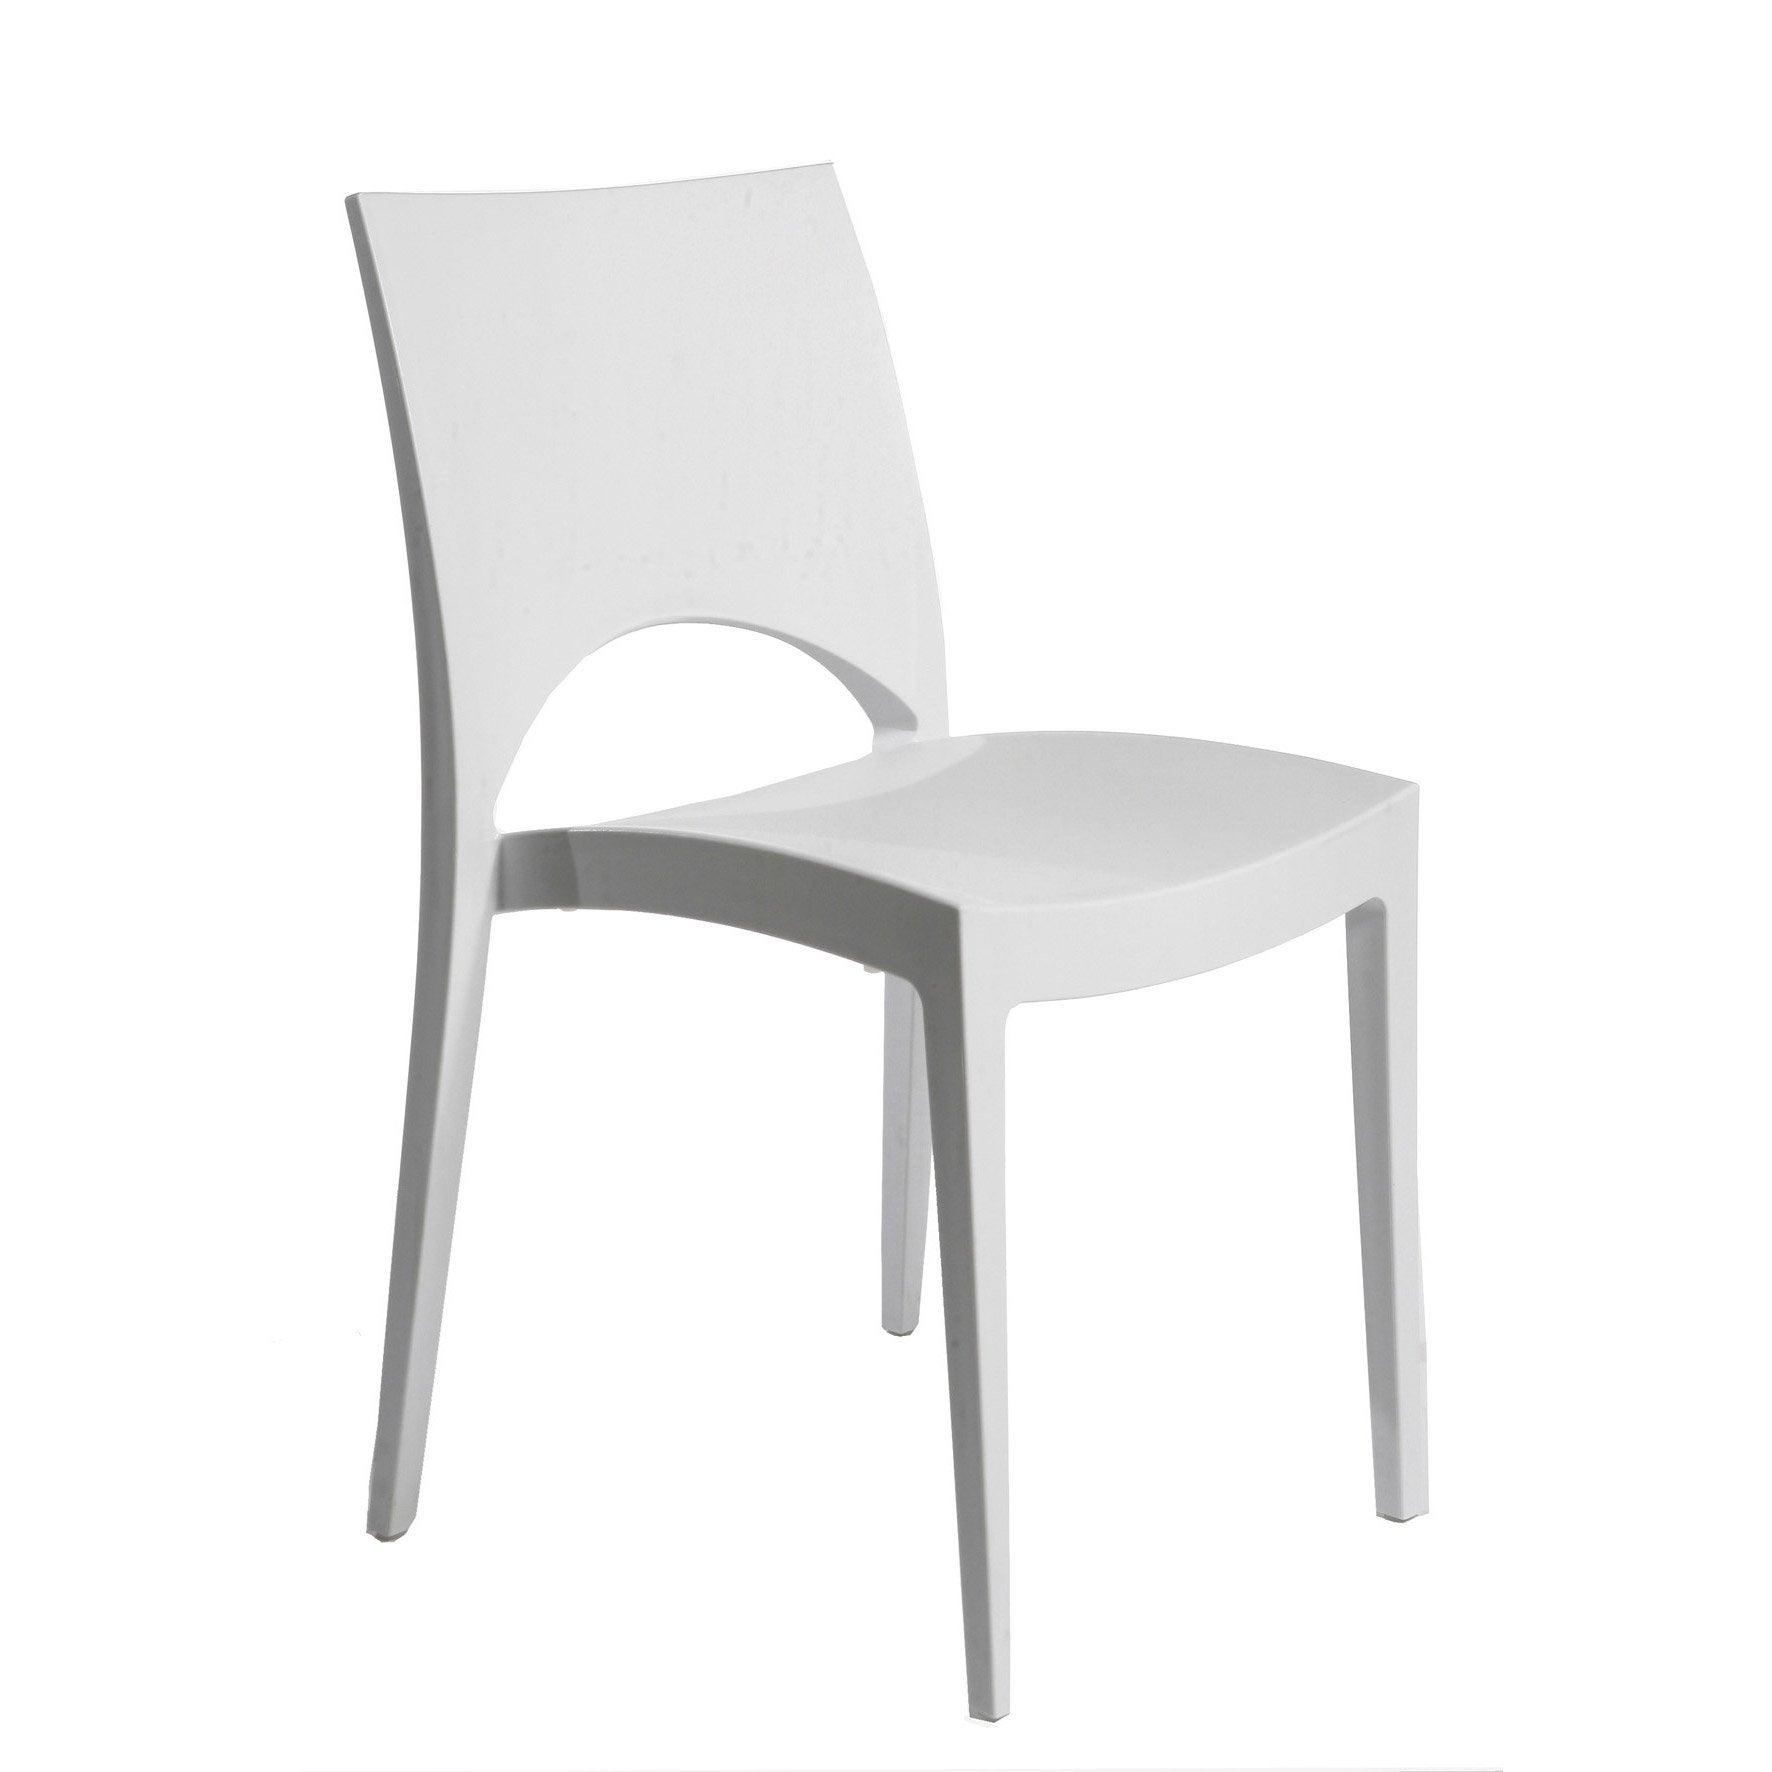 Chaise de jardin en plastique au meilleur prix | Leroy Merlin